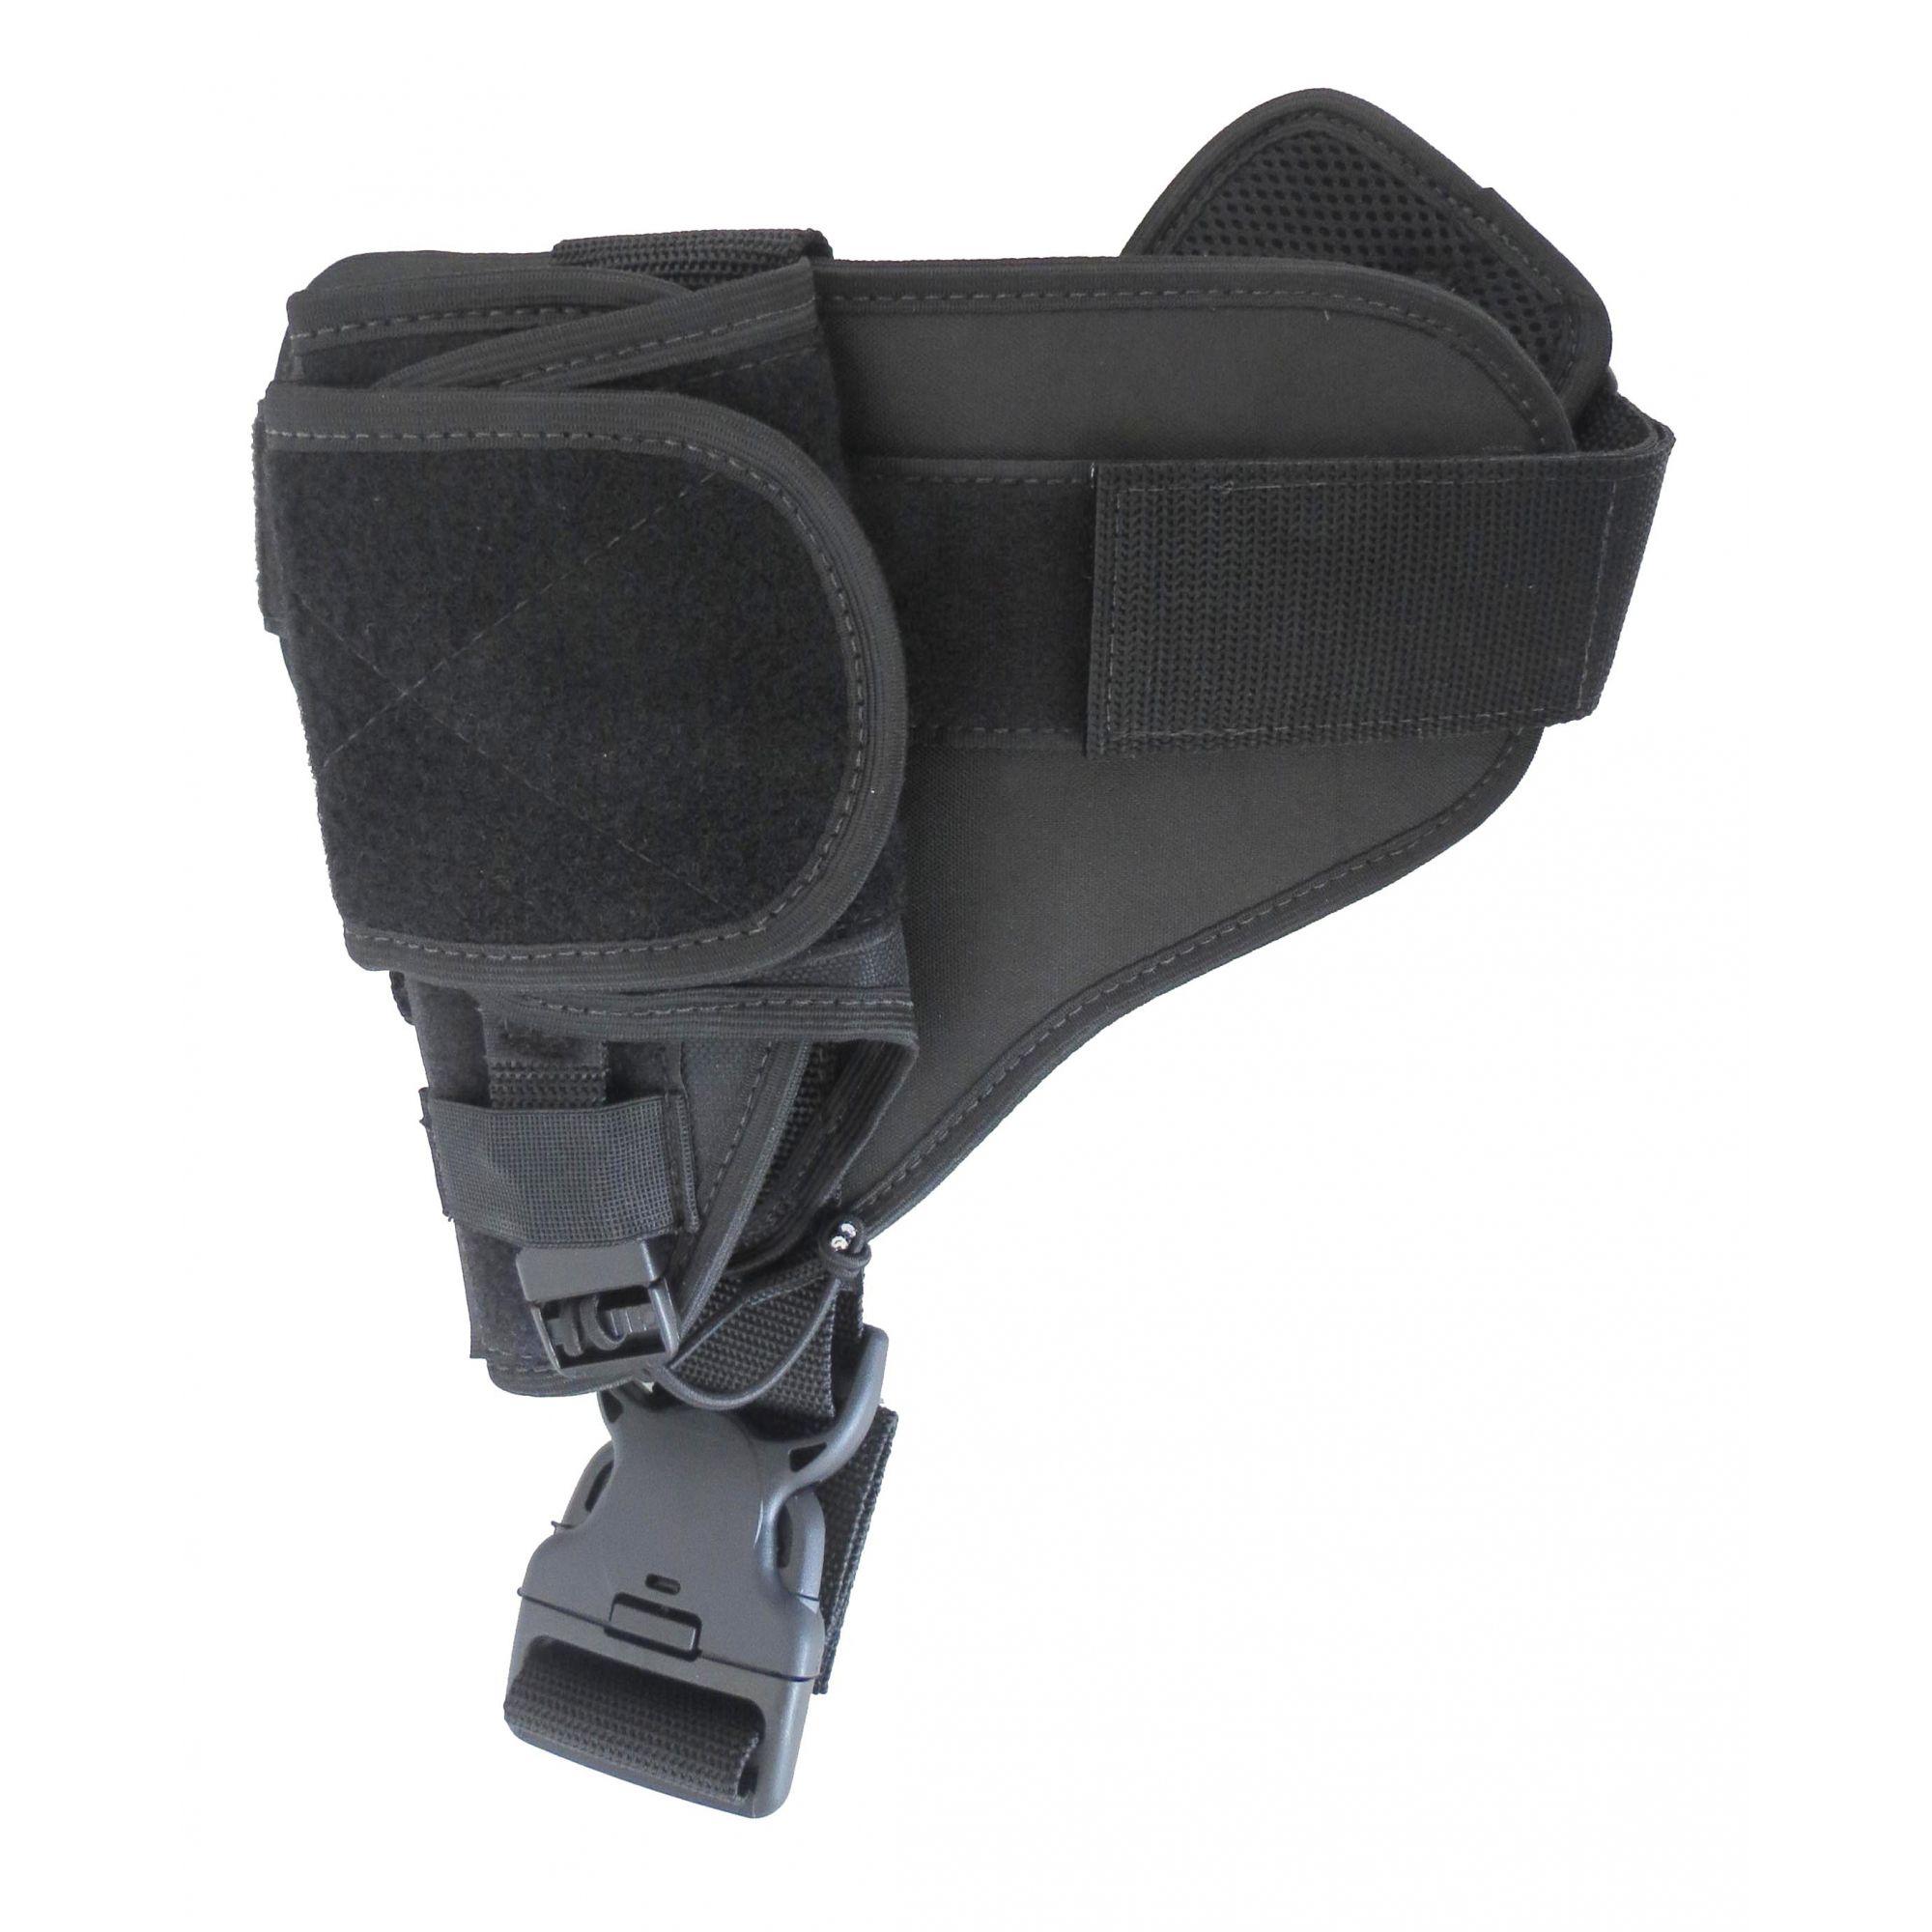 Coldre Modular Pistola (tecido) - Cor: Preta  - MAB AIRSOFT